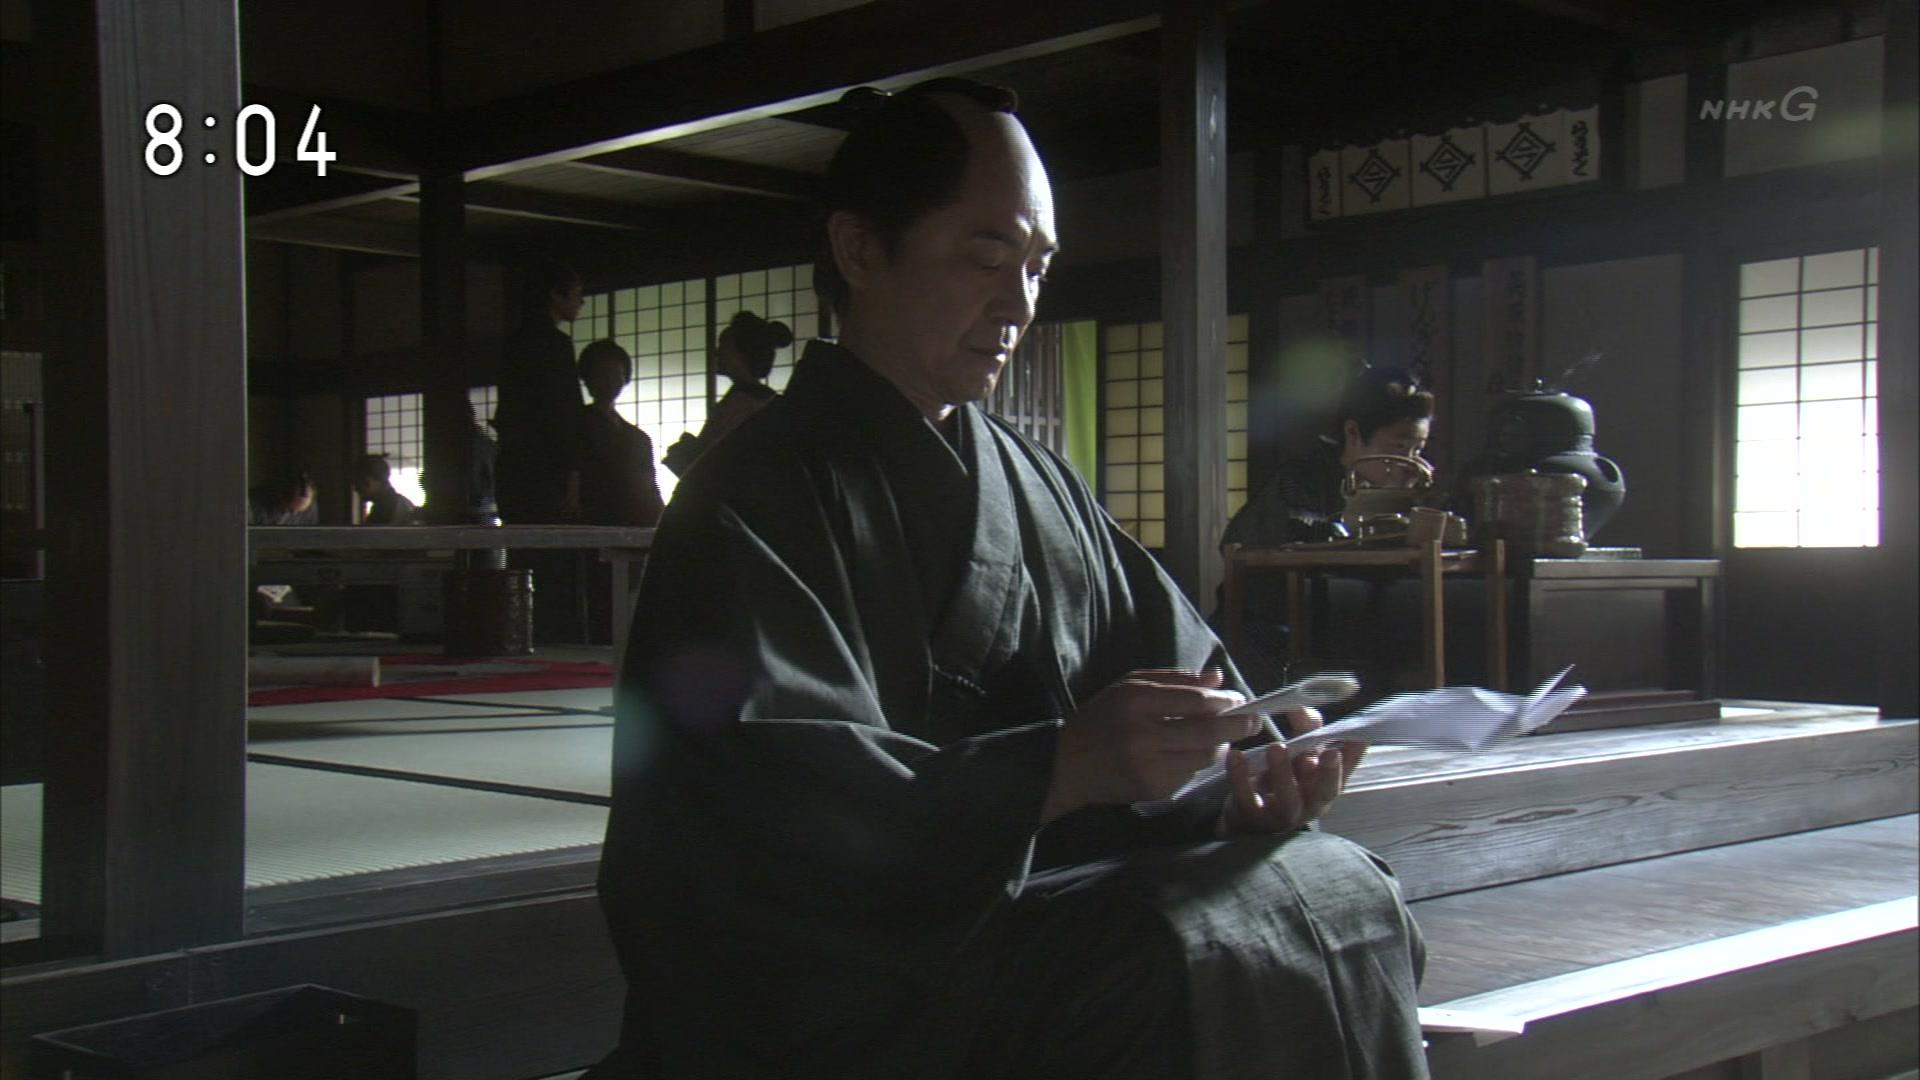 2015-10-07 08:00 連続テレビ小説 あさが来た(9)「ふたつの花びら」 0916